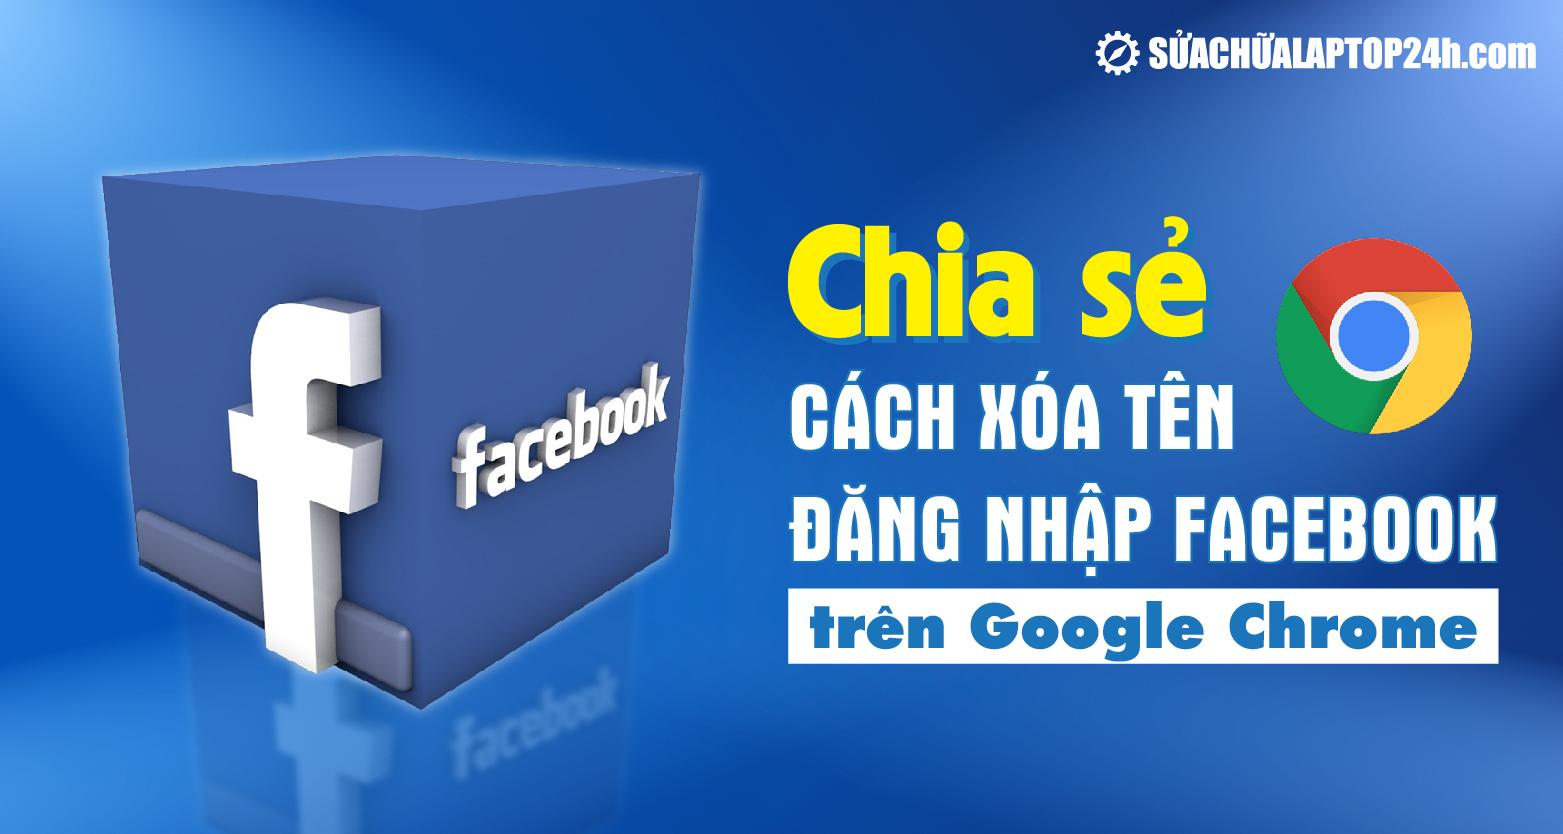 Thủ thuật xóa tên đăng nhập Facebook trên Chrome